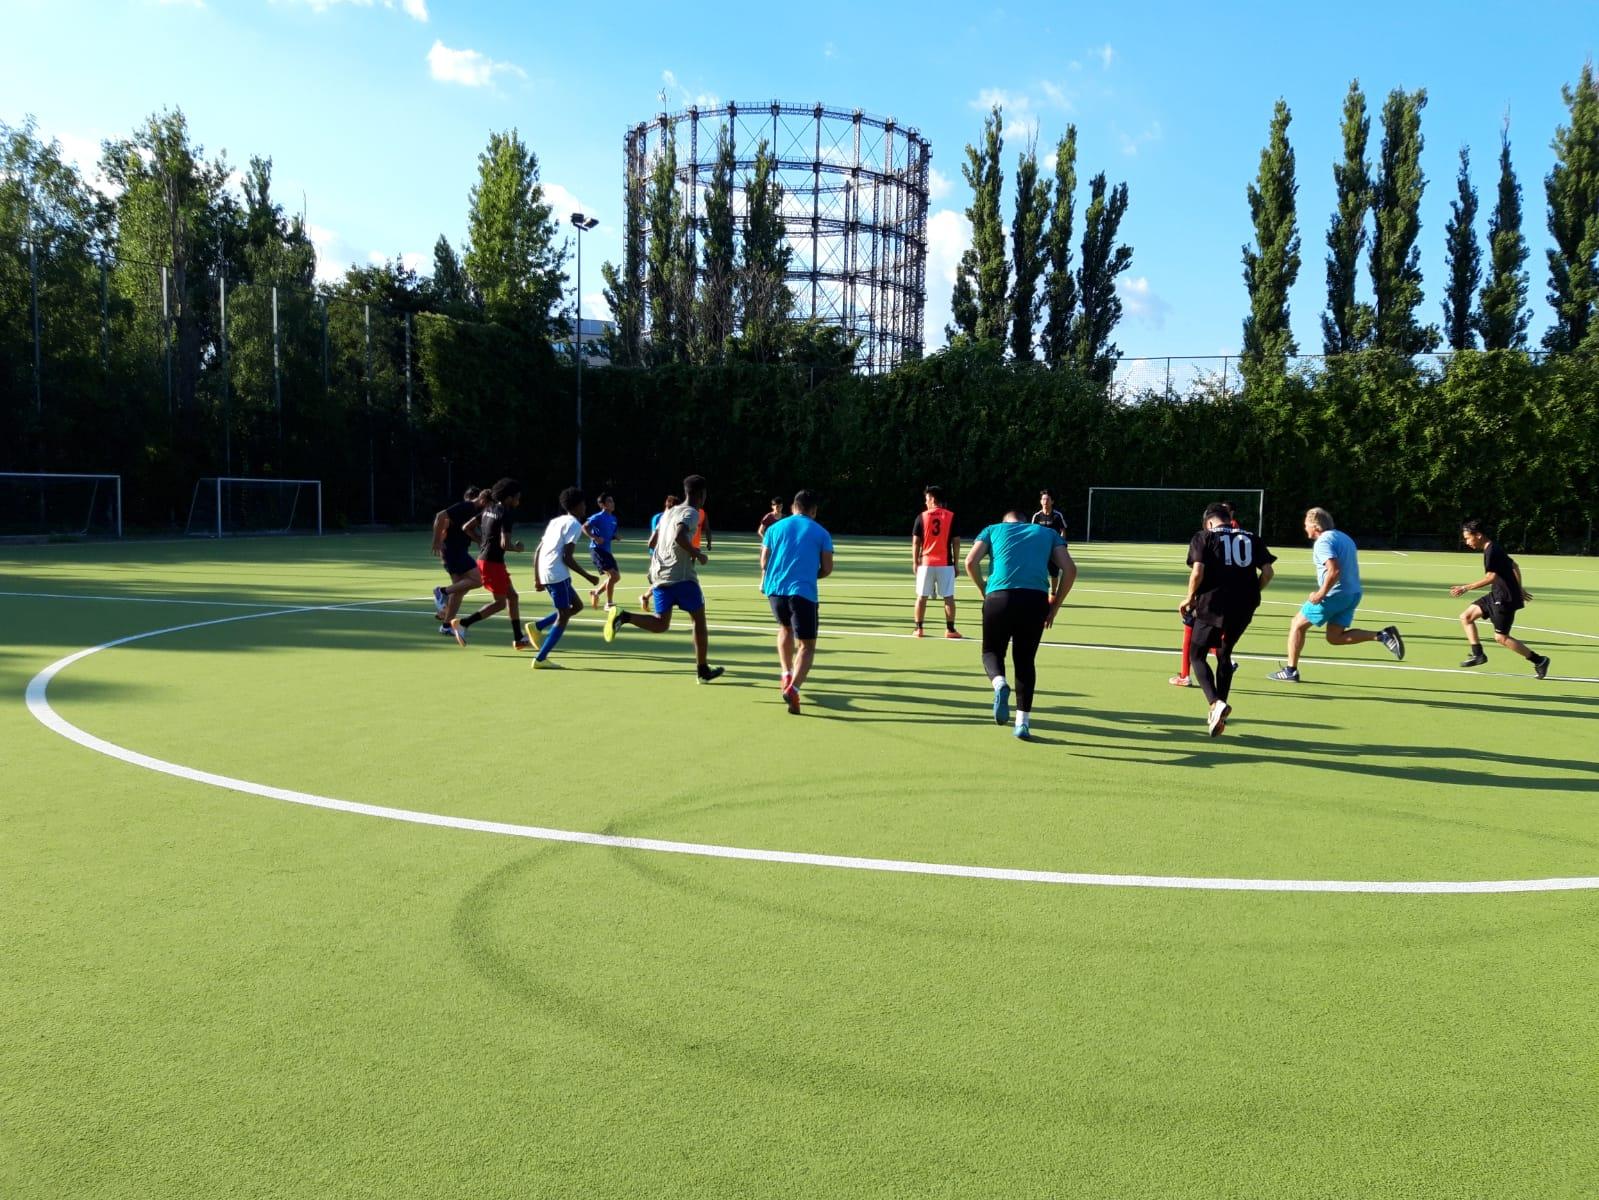 Eine Gruppe von Jugendlichen sprinten über eine grüne Wiese